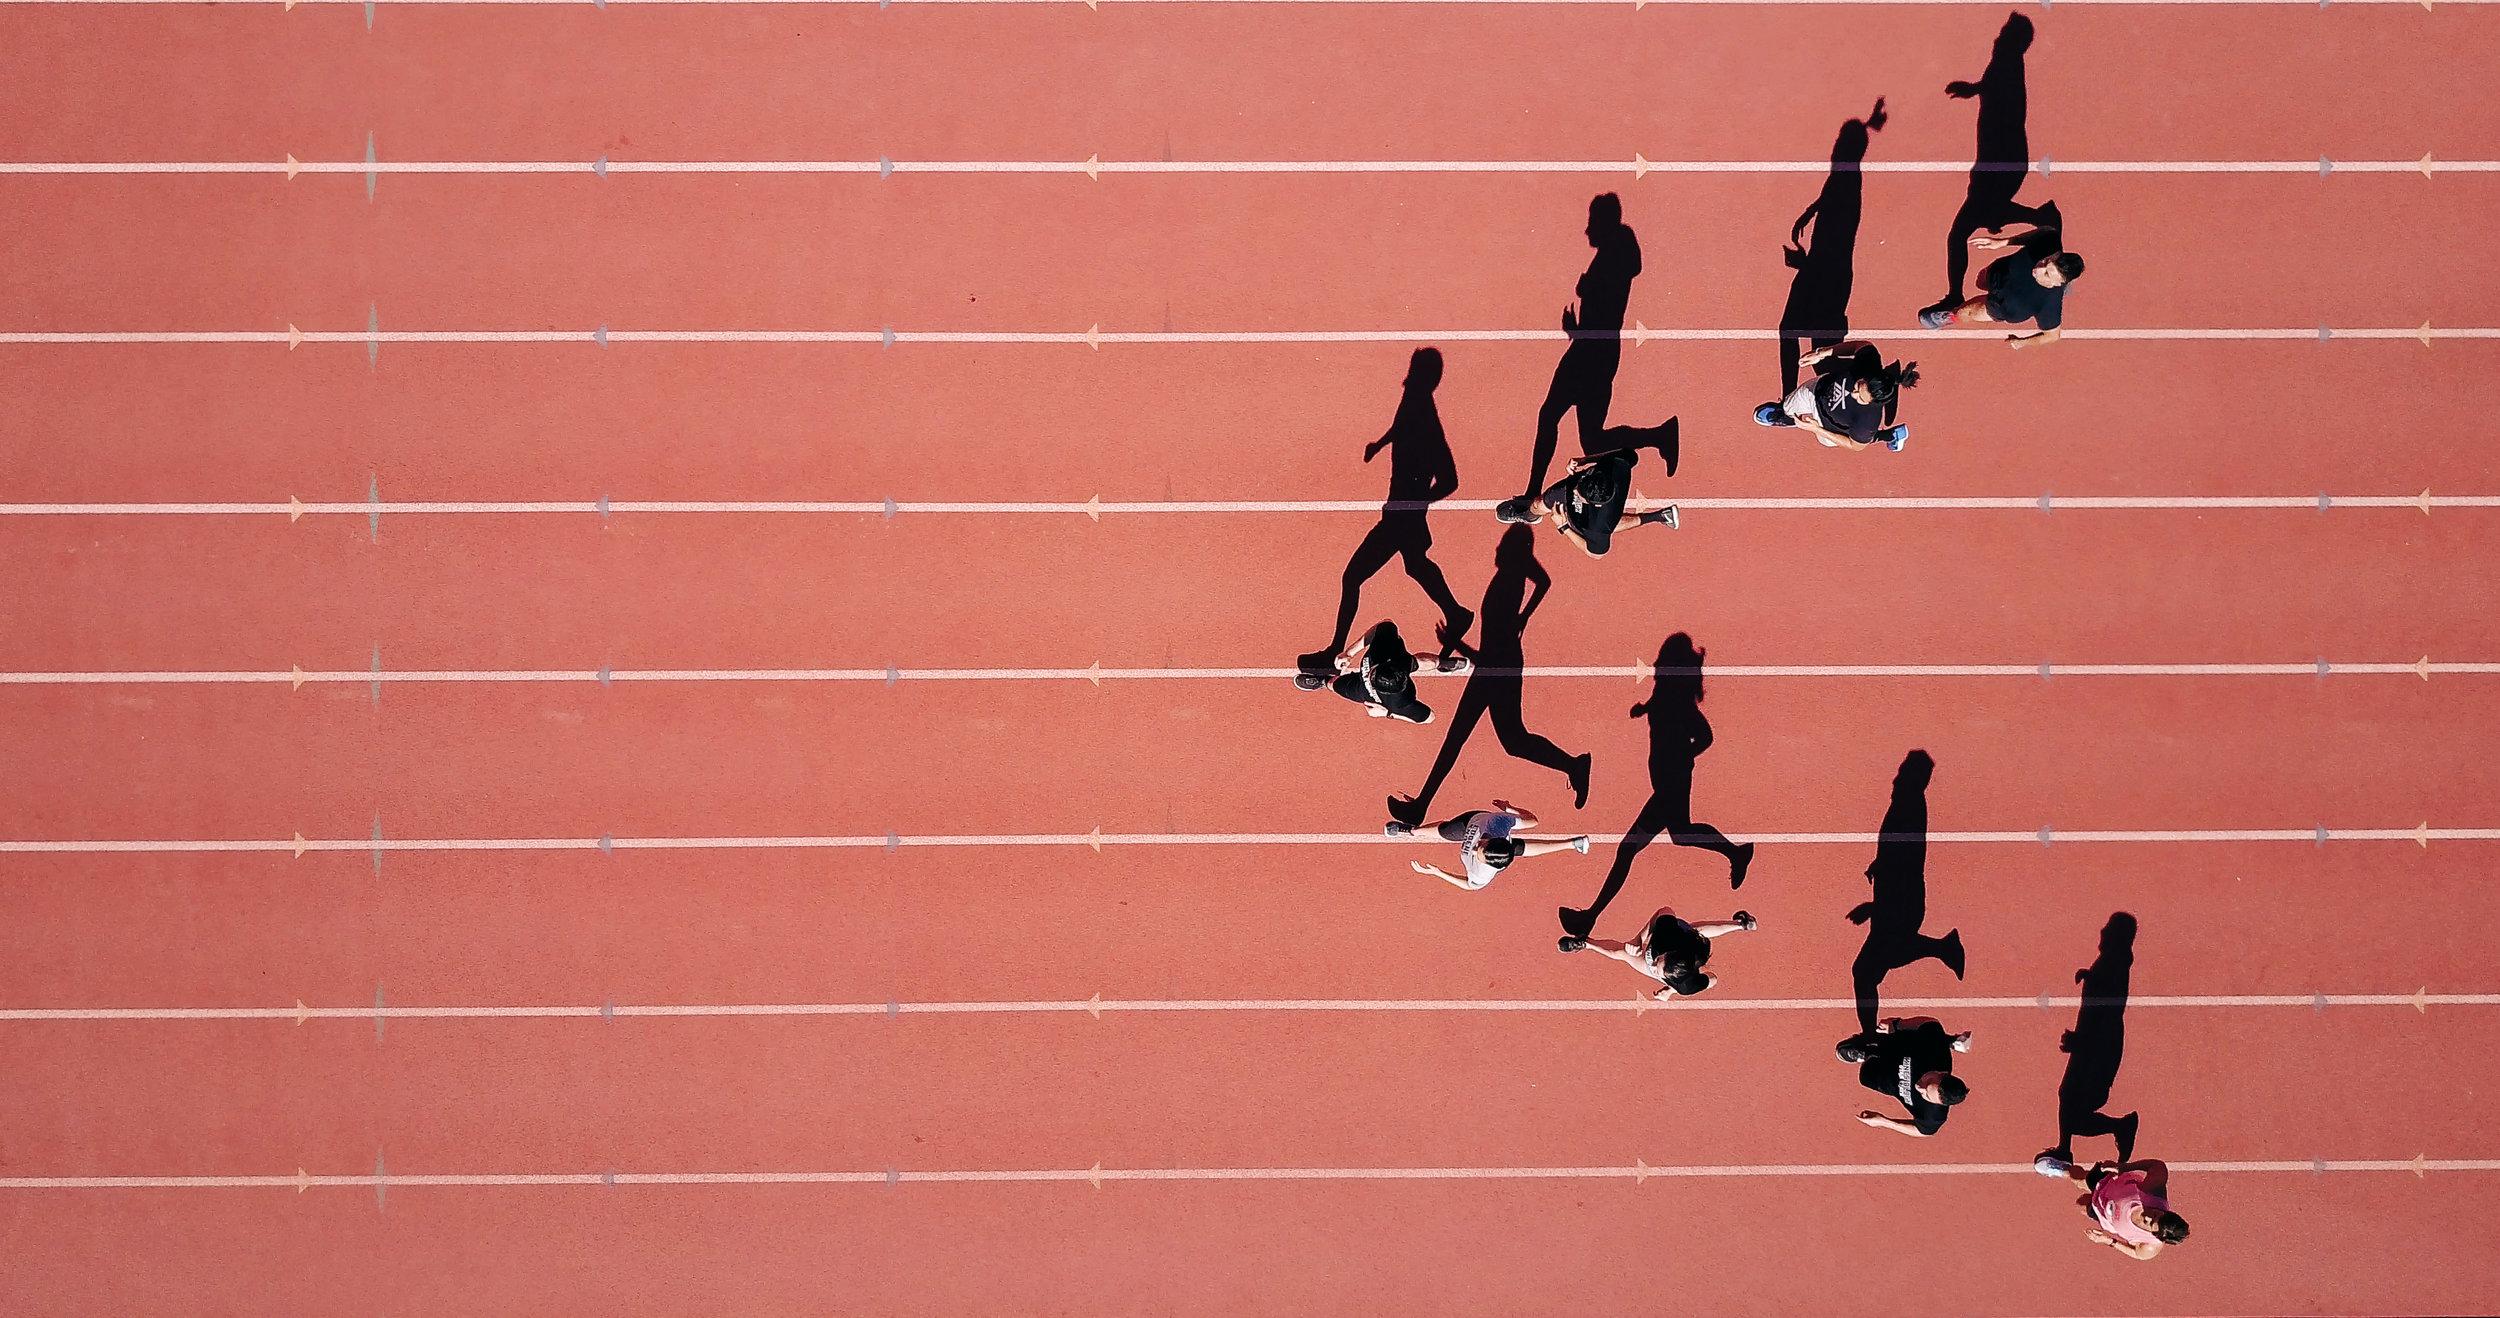 Ziellinie-finish line